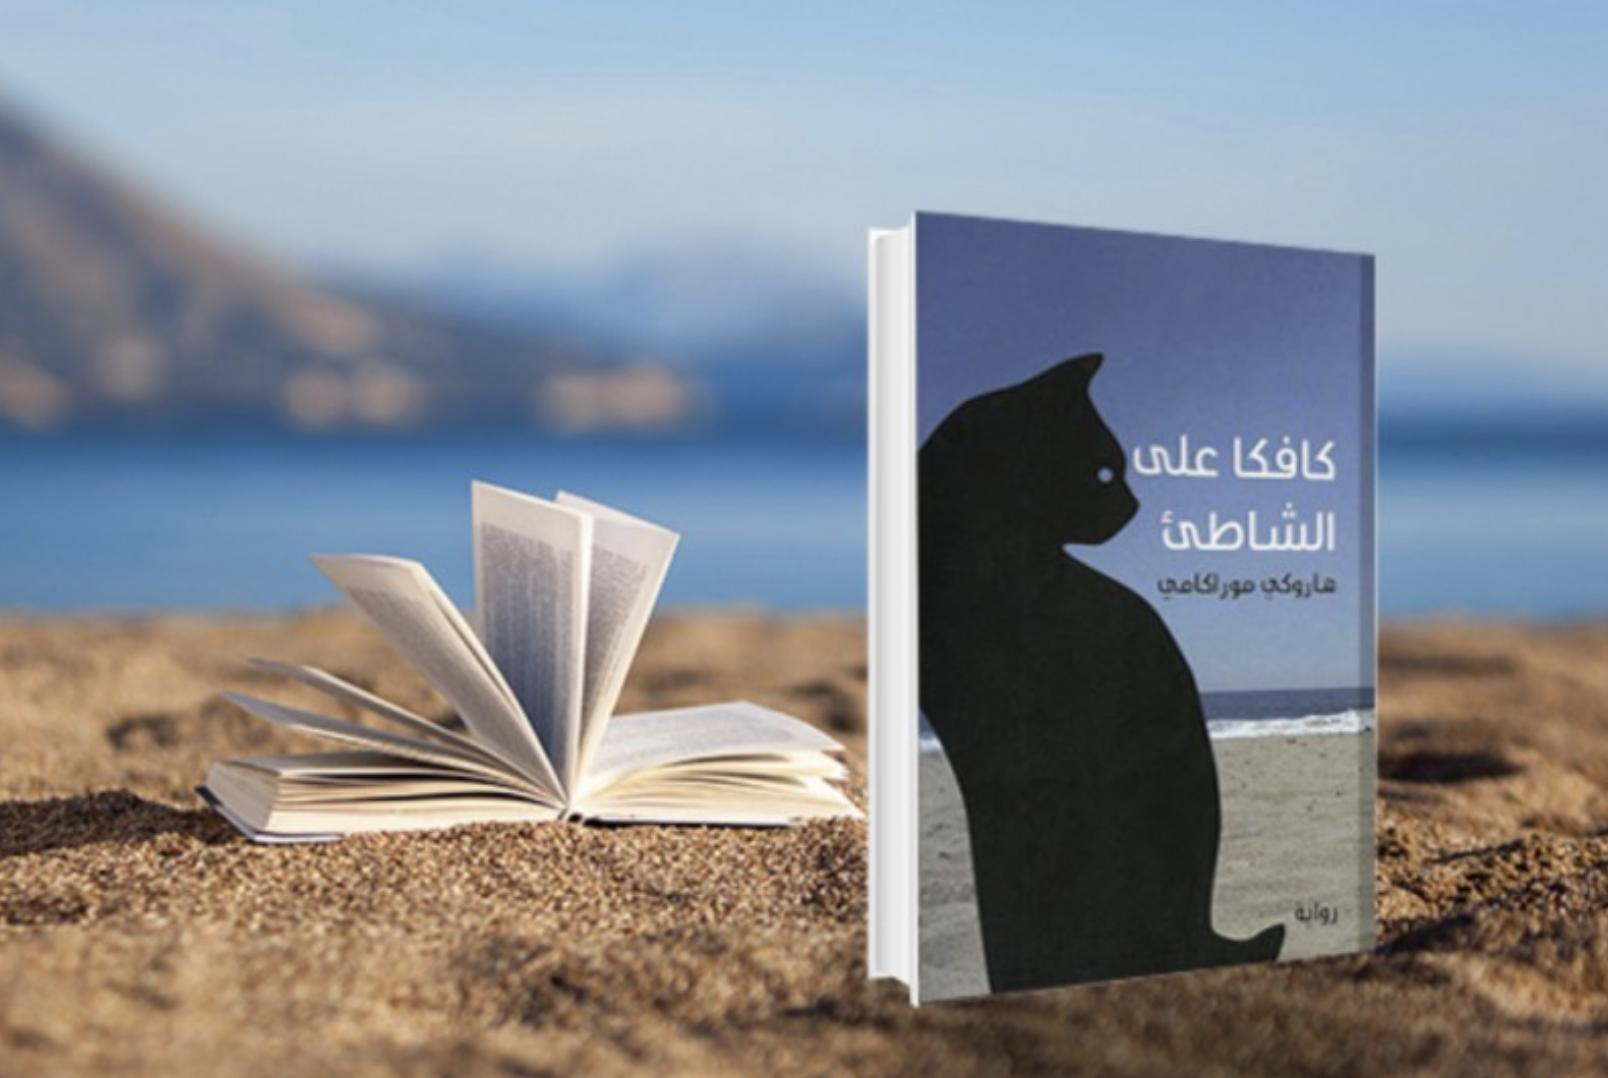 الهروب إلى الذات / قراءة في رواية كافكا على الشاطئ لهاروكي موراكامي